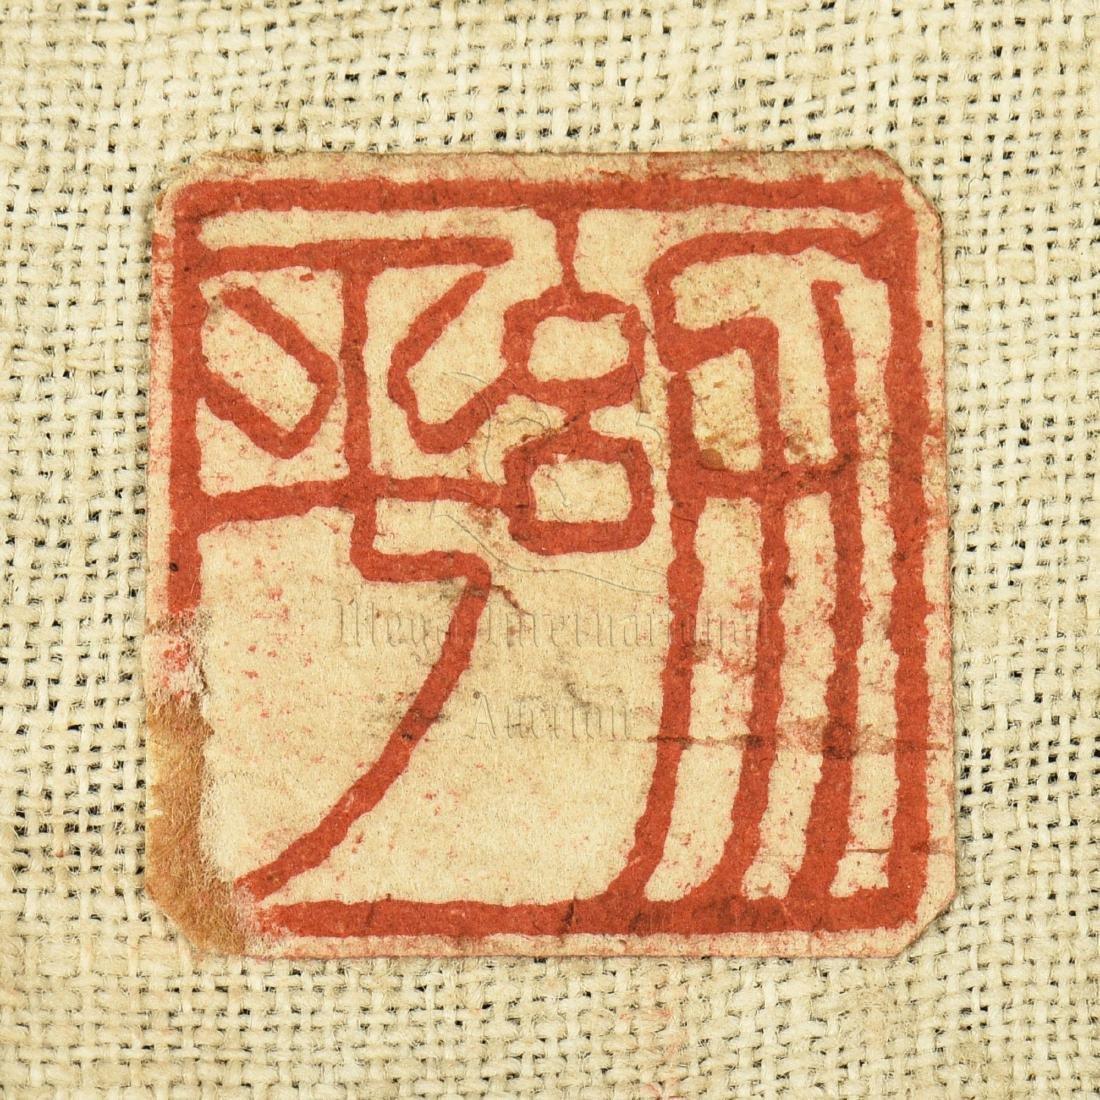 A FOLDED BOOK MANUSCRIPT - 10